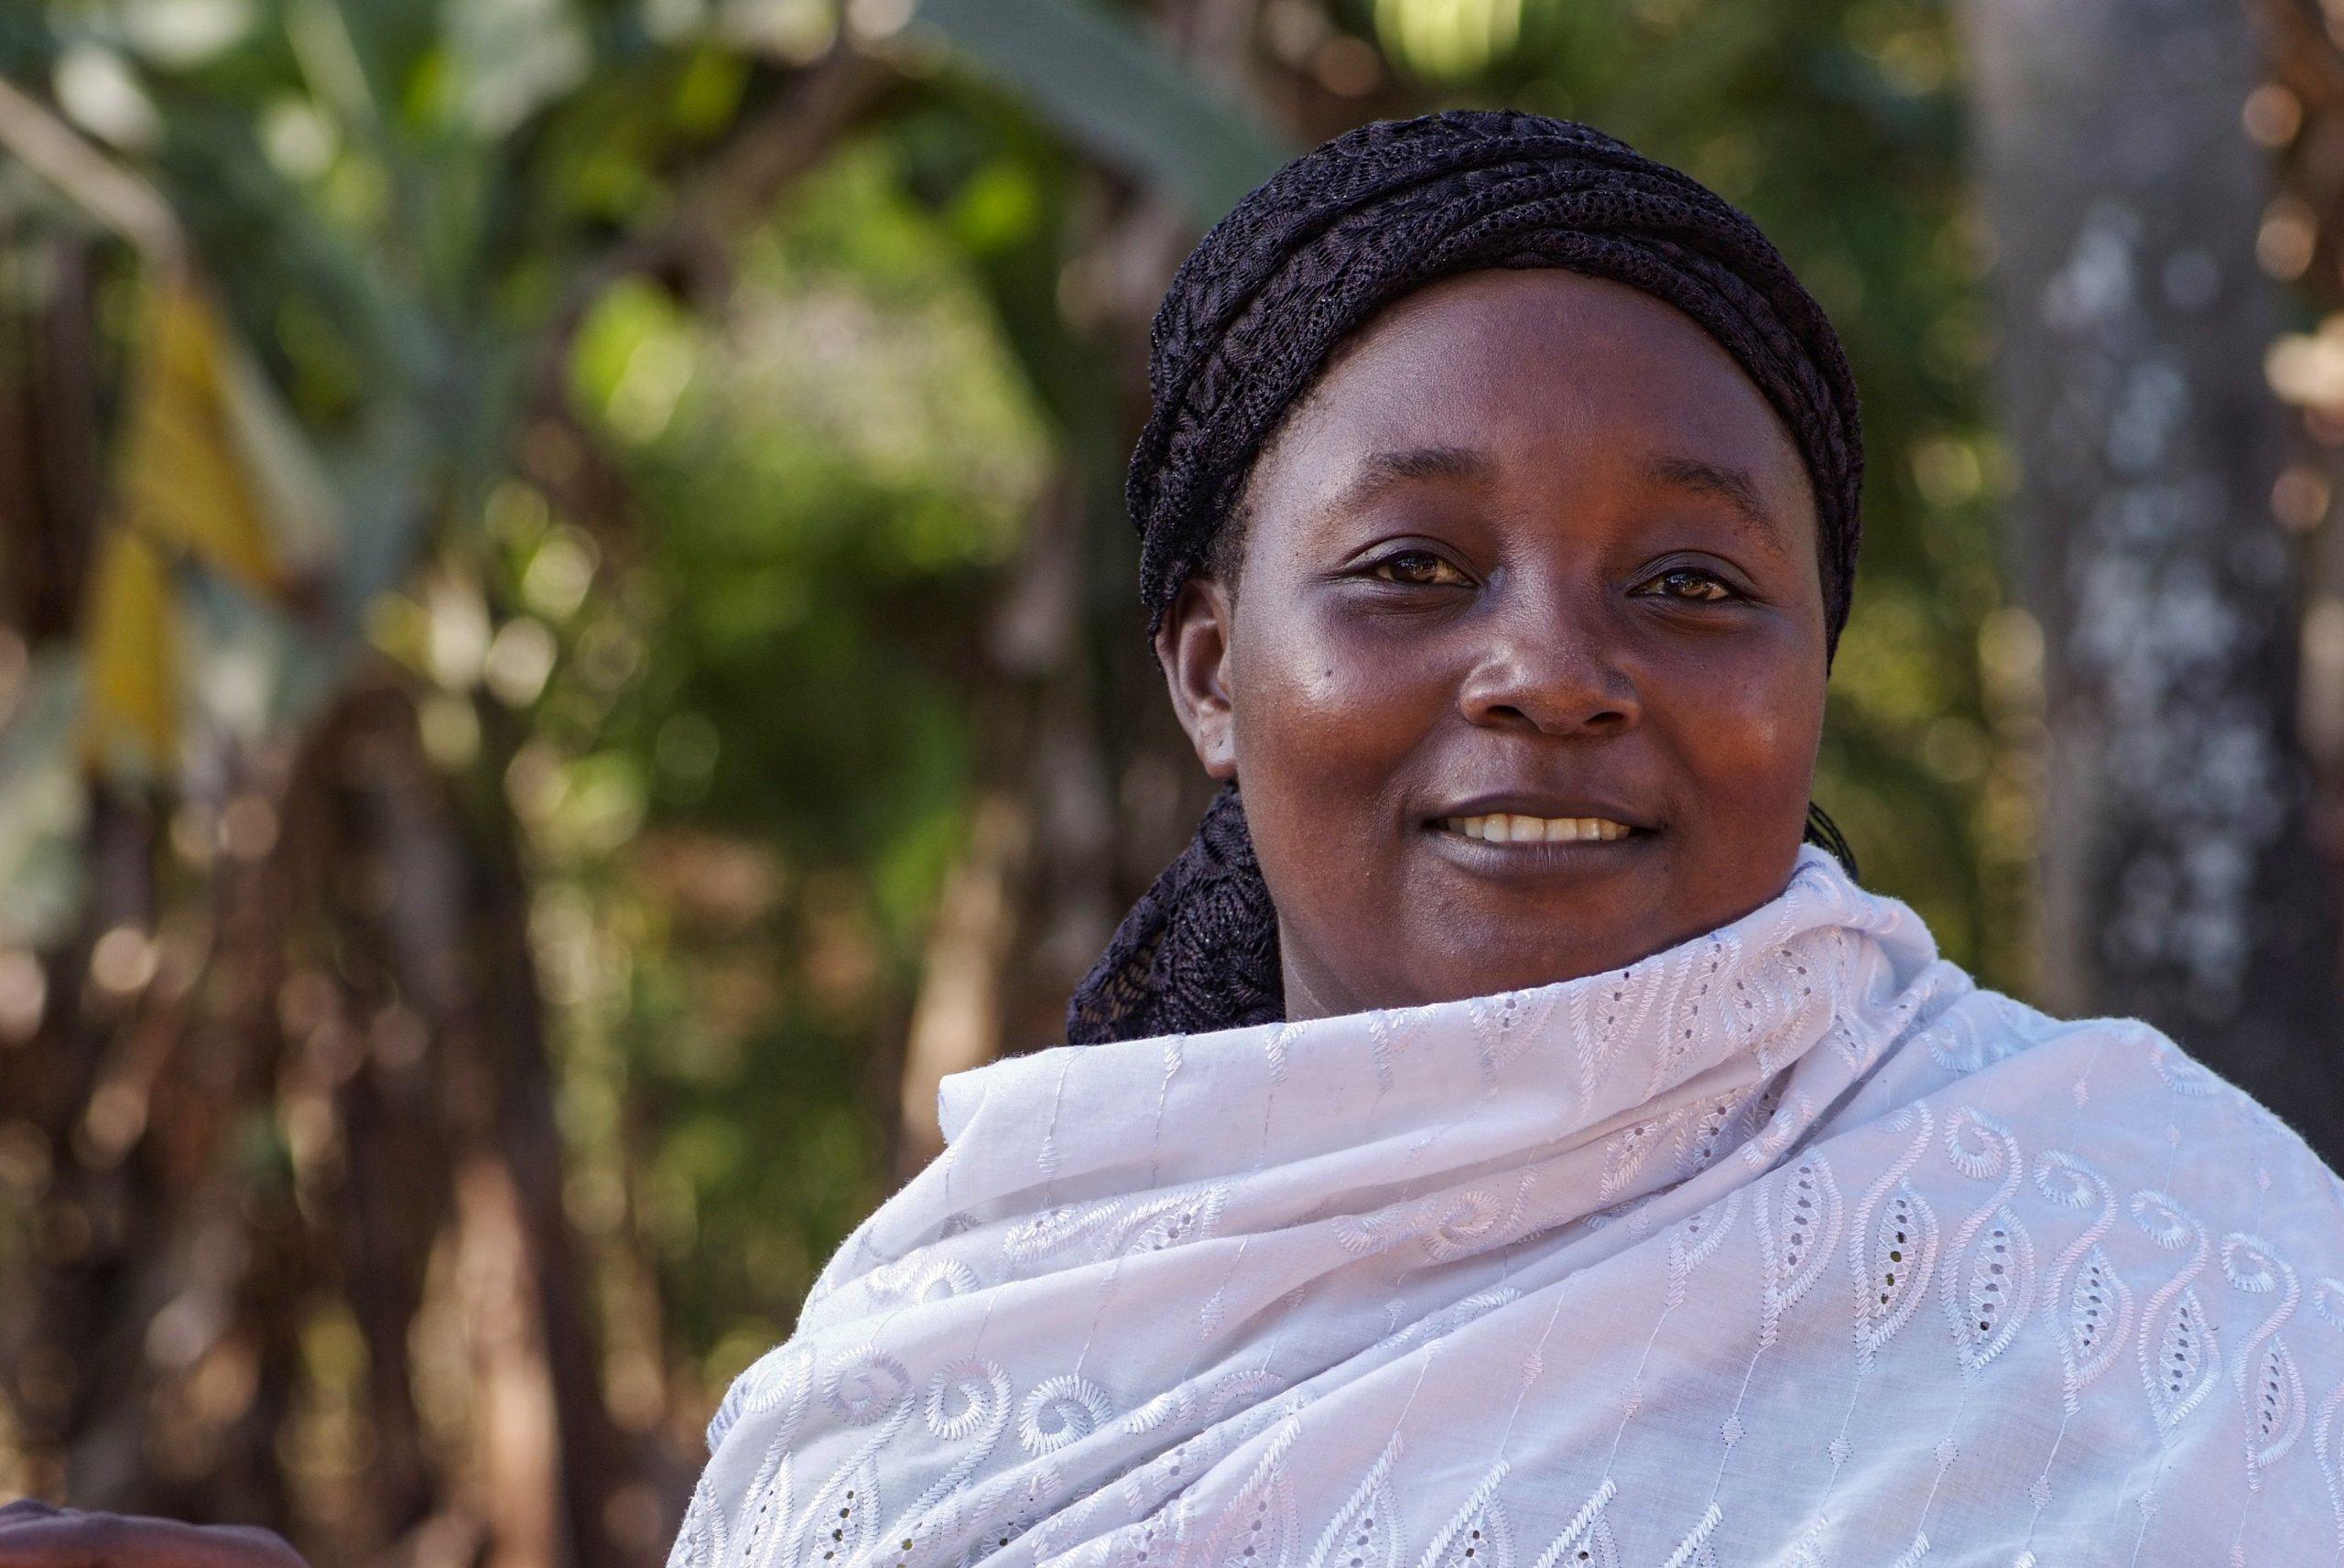 29 02 boerin trotsevrouw Zidina Rwiza Pangani Tanzania 5627 scaled